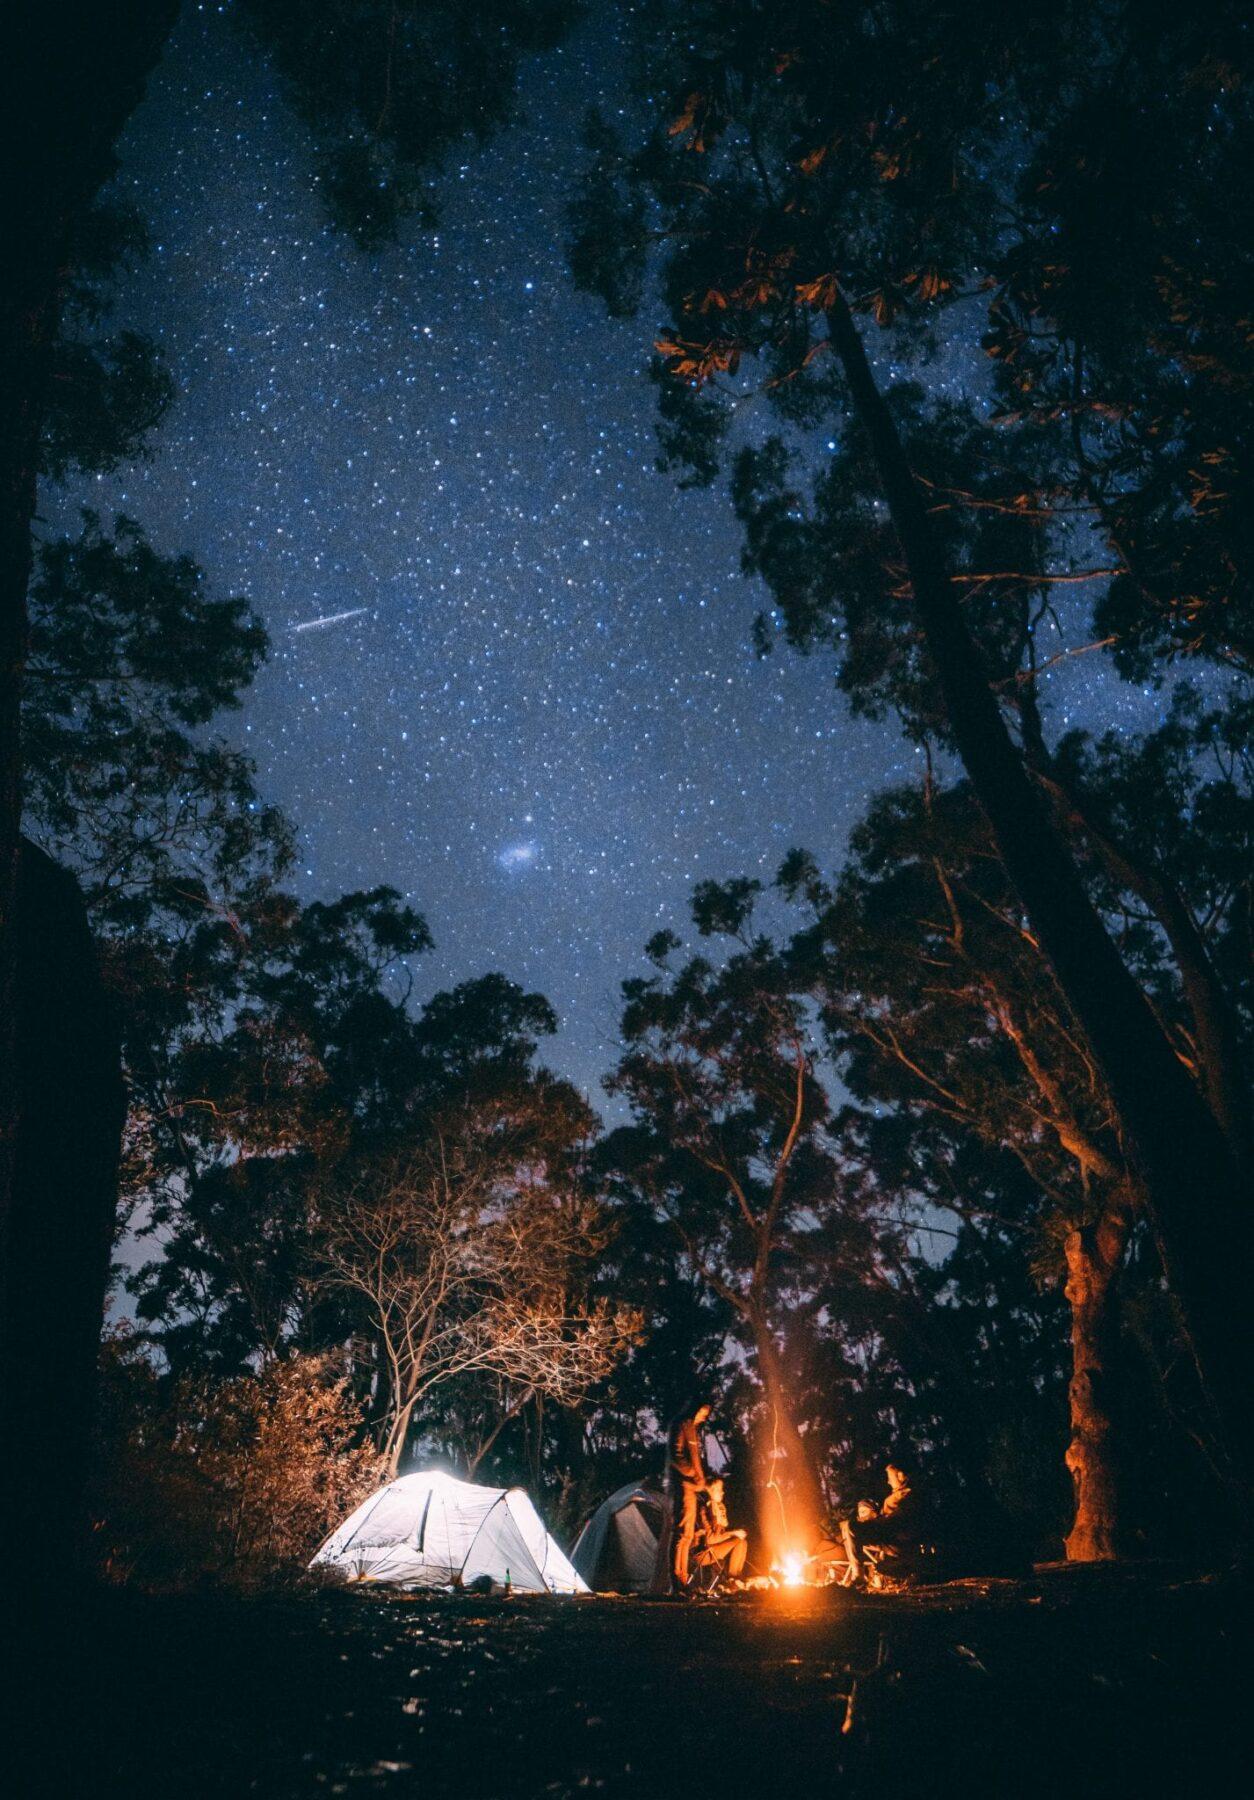 Paalkamperen Camping 1 - jonathan forage